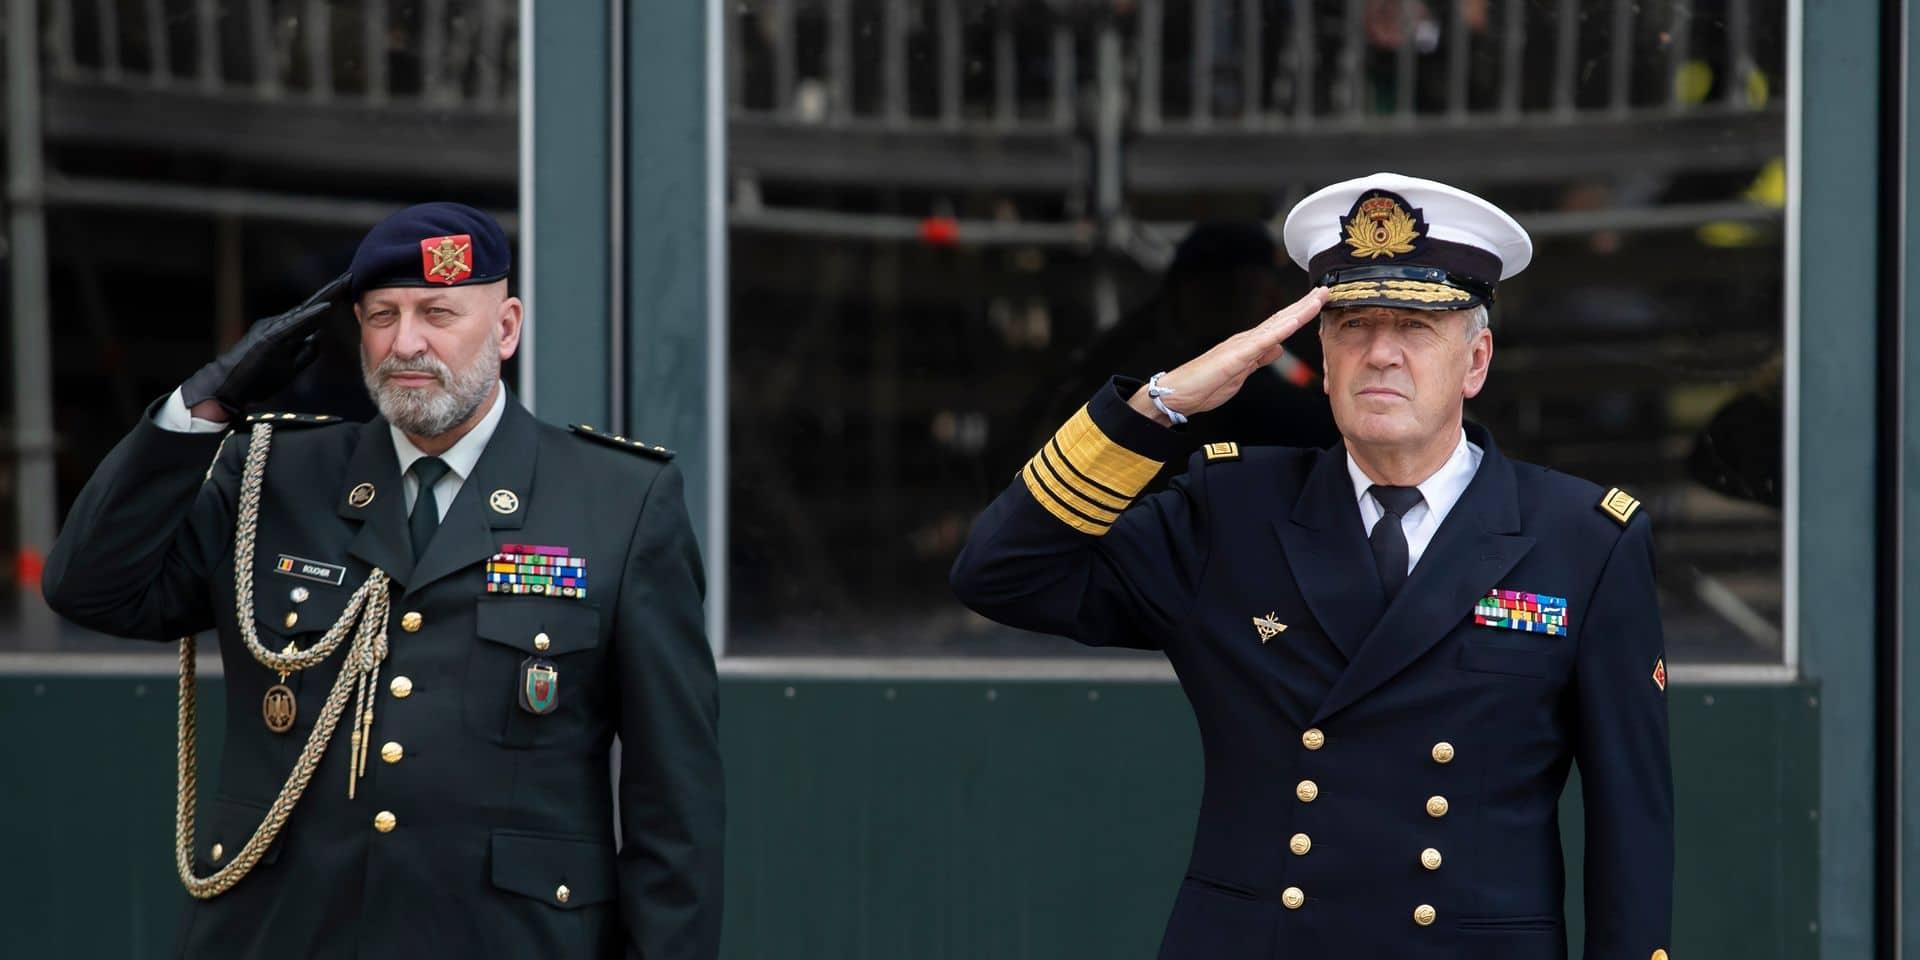 Selon Michel Hofman, chef de la Défense (à droite), l'année 2022 devrait permettre à l'armée de recharger ses batteries en raison d'un moindre niveau d'engagement.